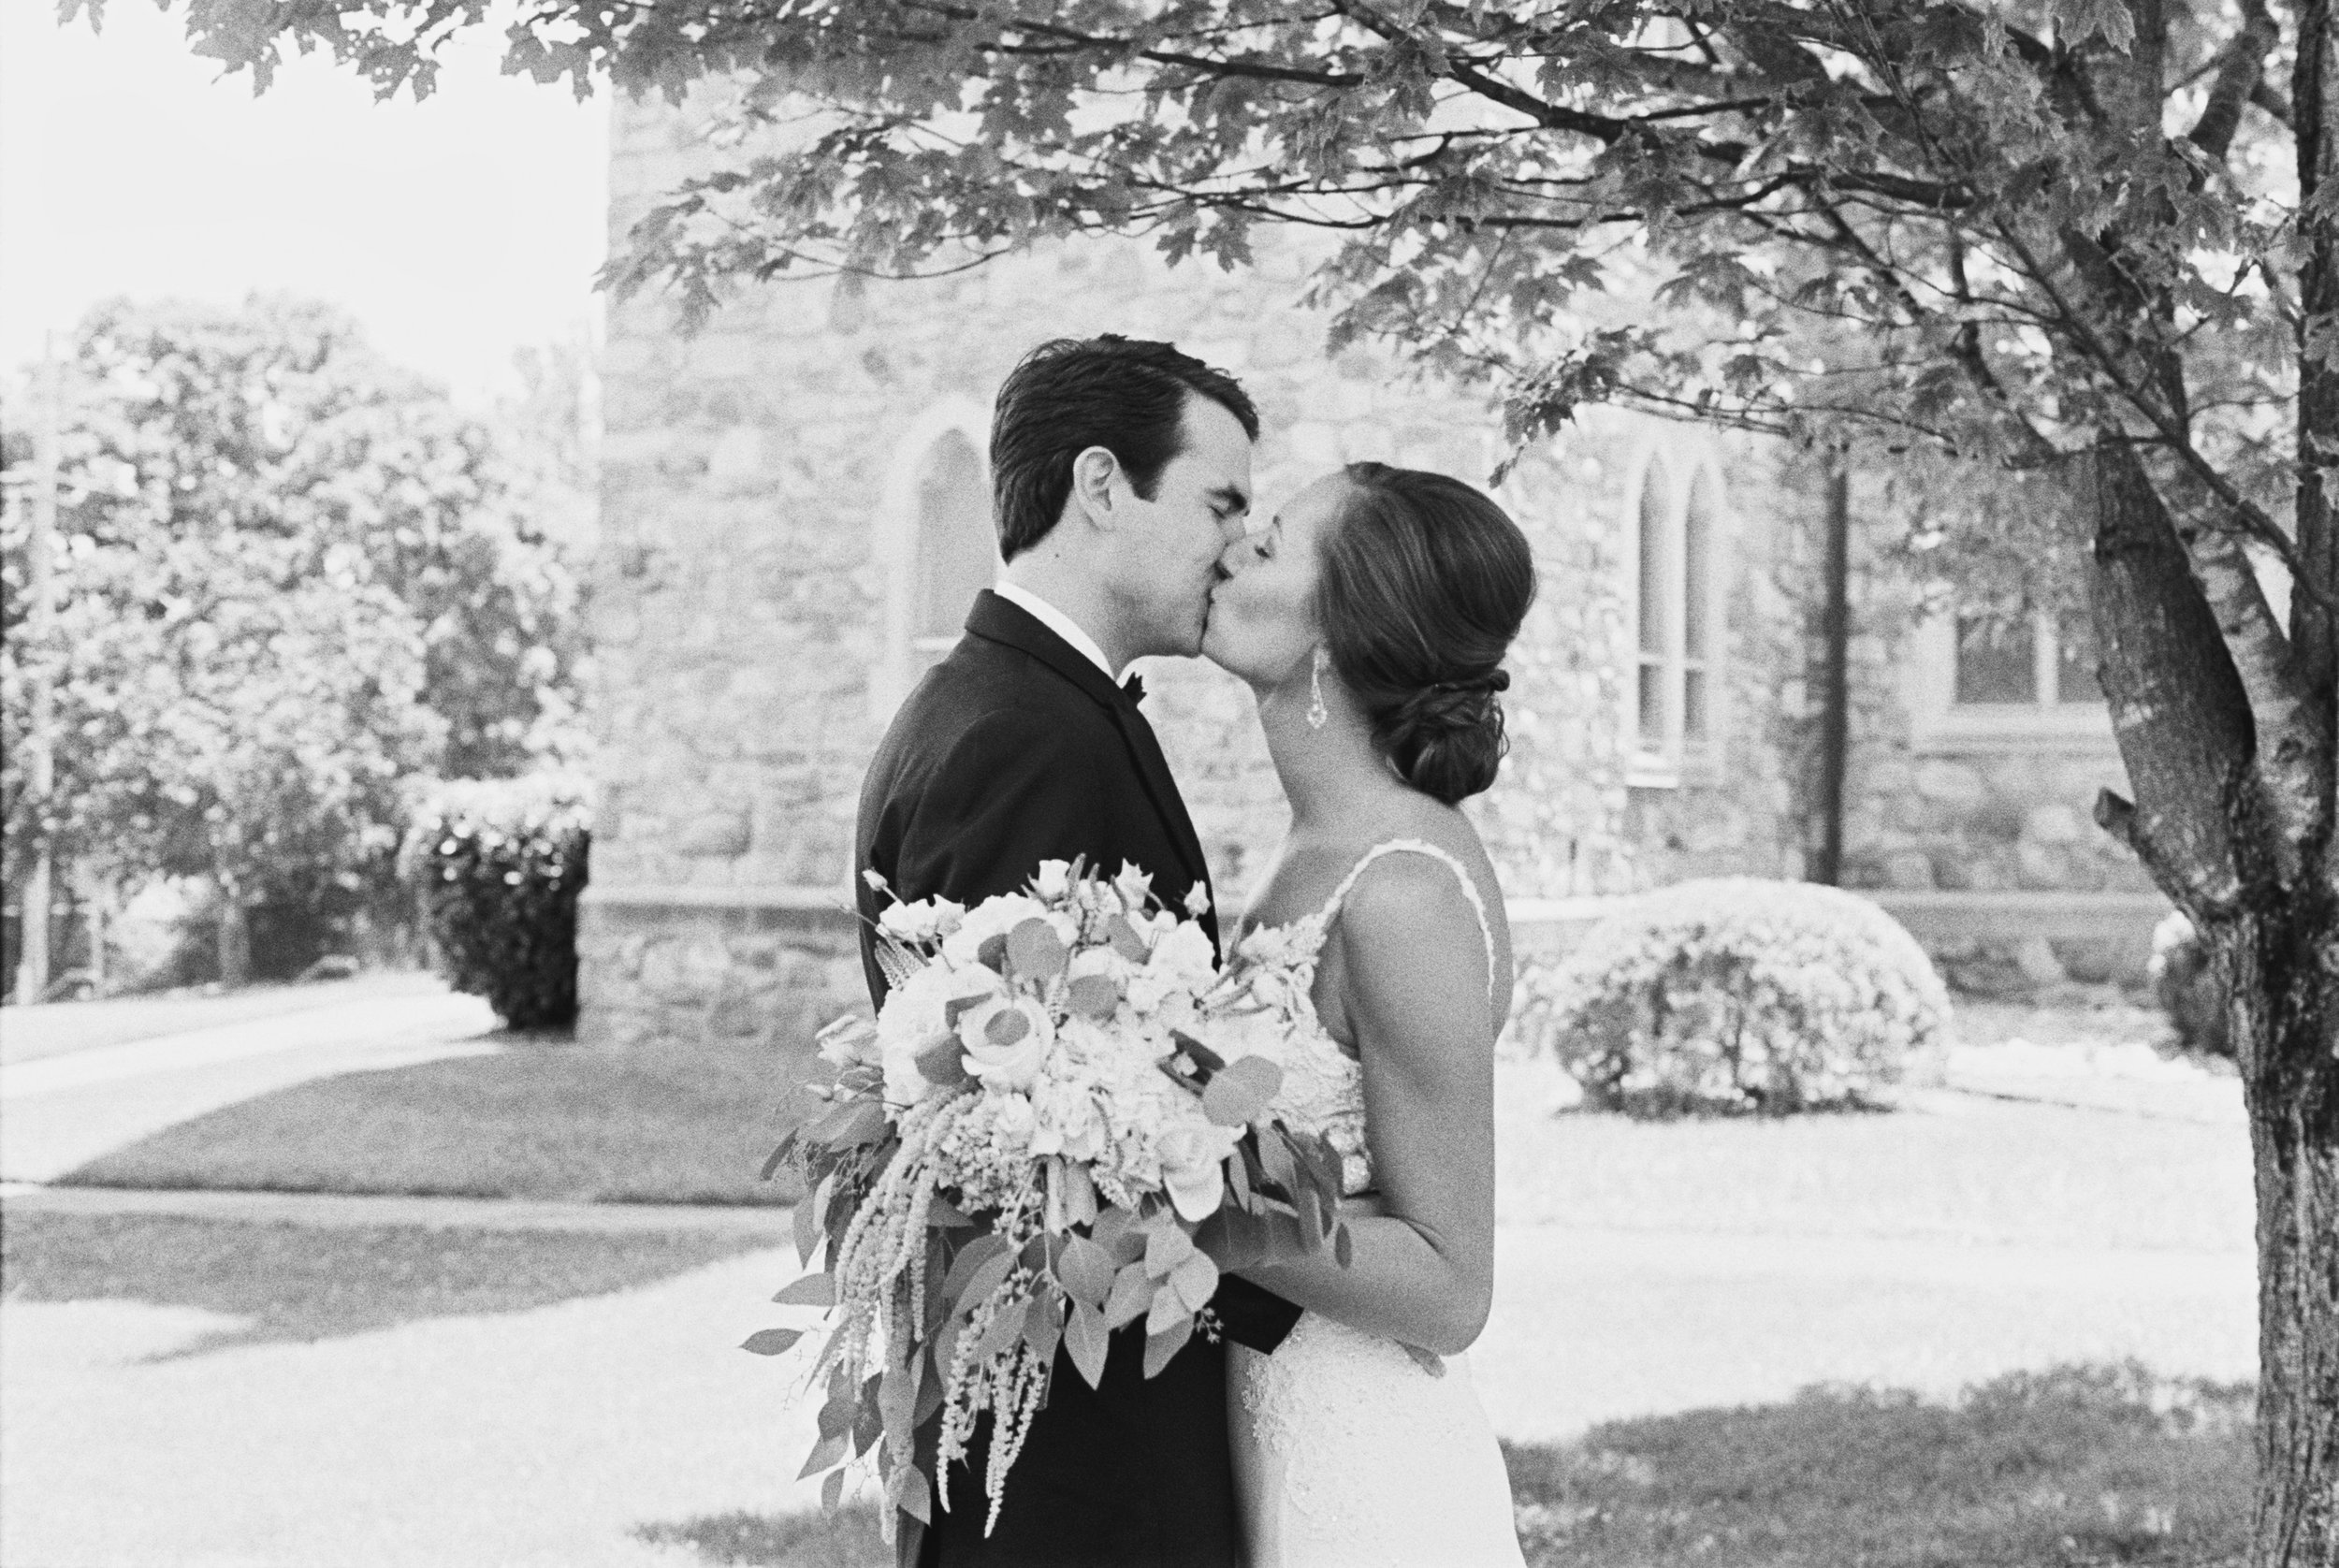 JJ_Sarah_Wedding_Abigail_Malone_Photography-150.jpg